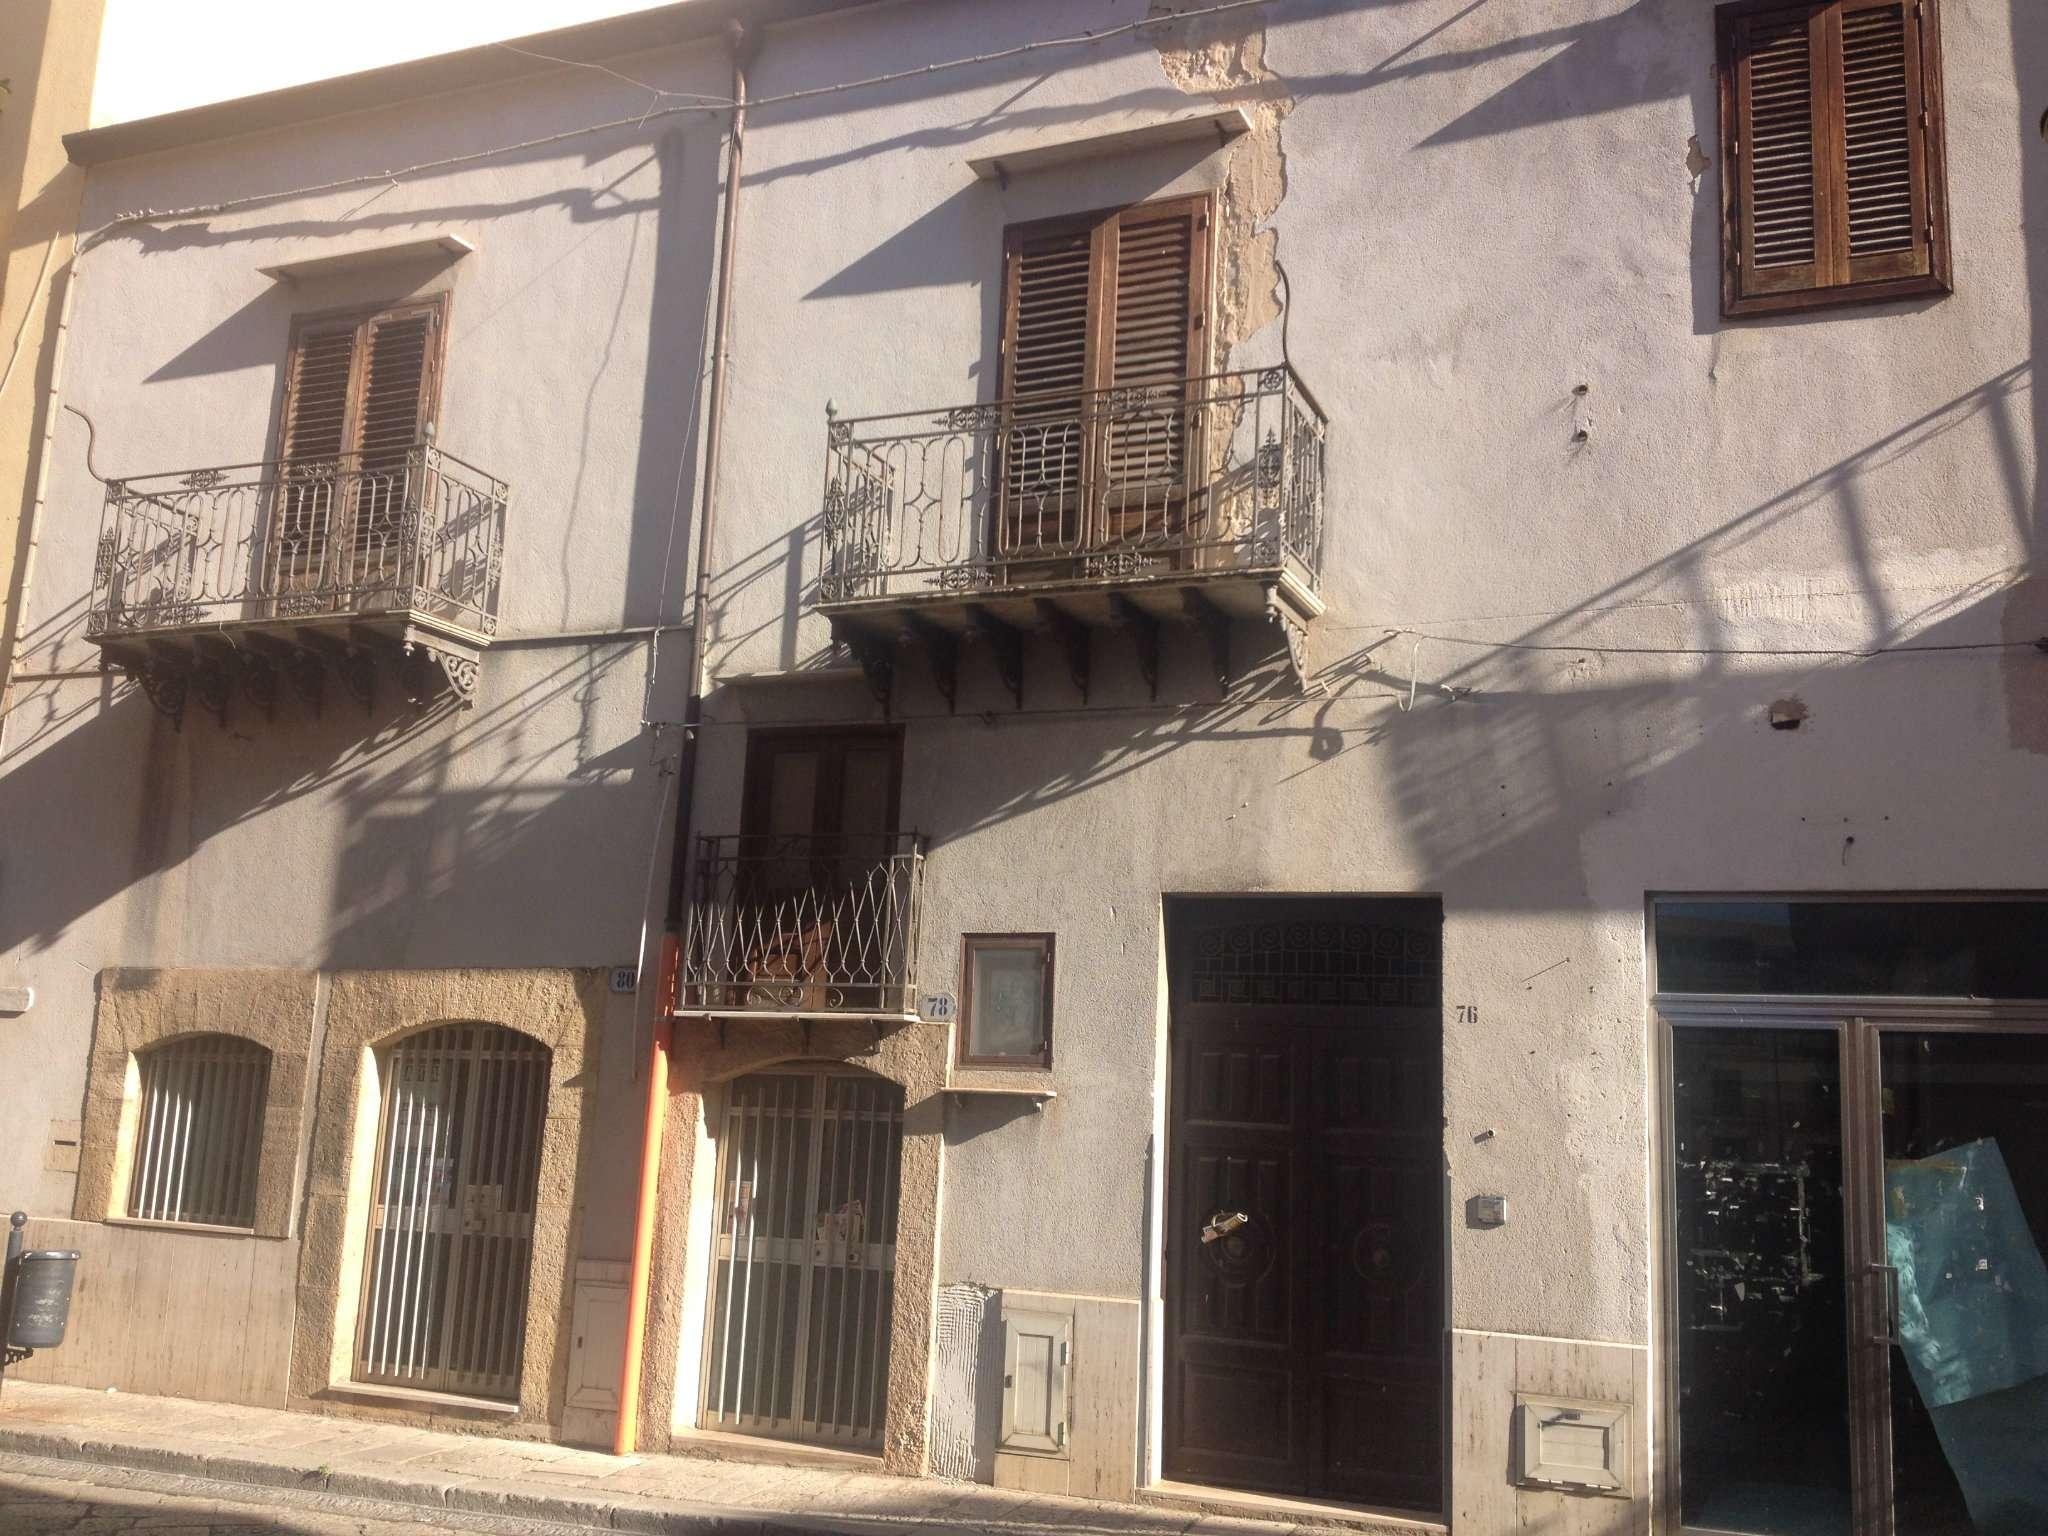 Negozio / Locale in vendita a Partinico, 9999 locali, prezzo € 60.000 | CambioCasa.it